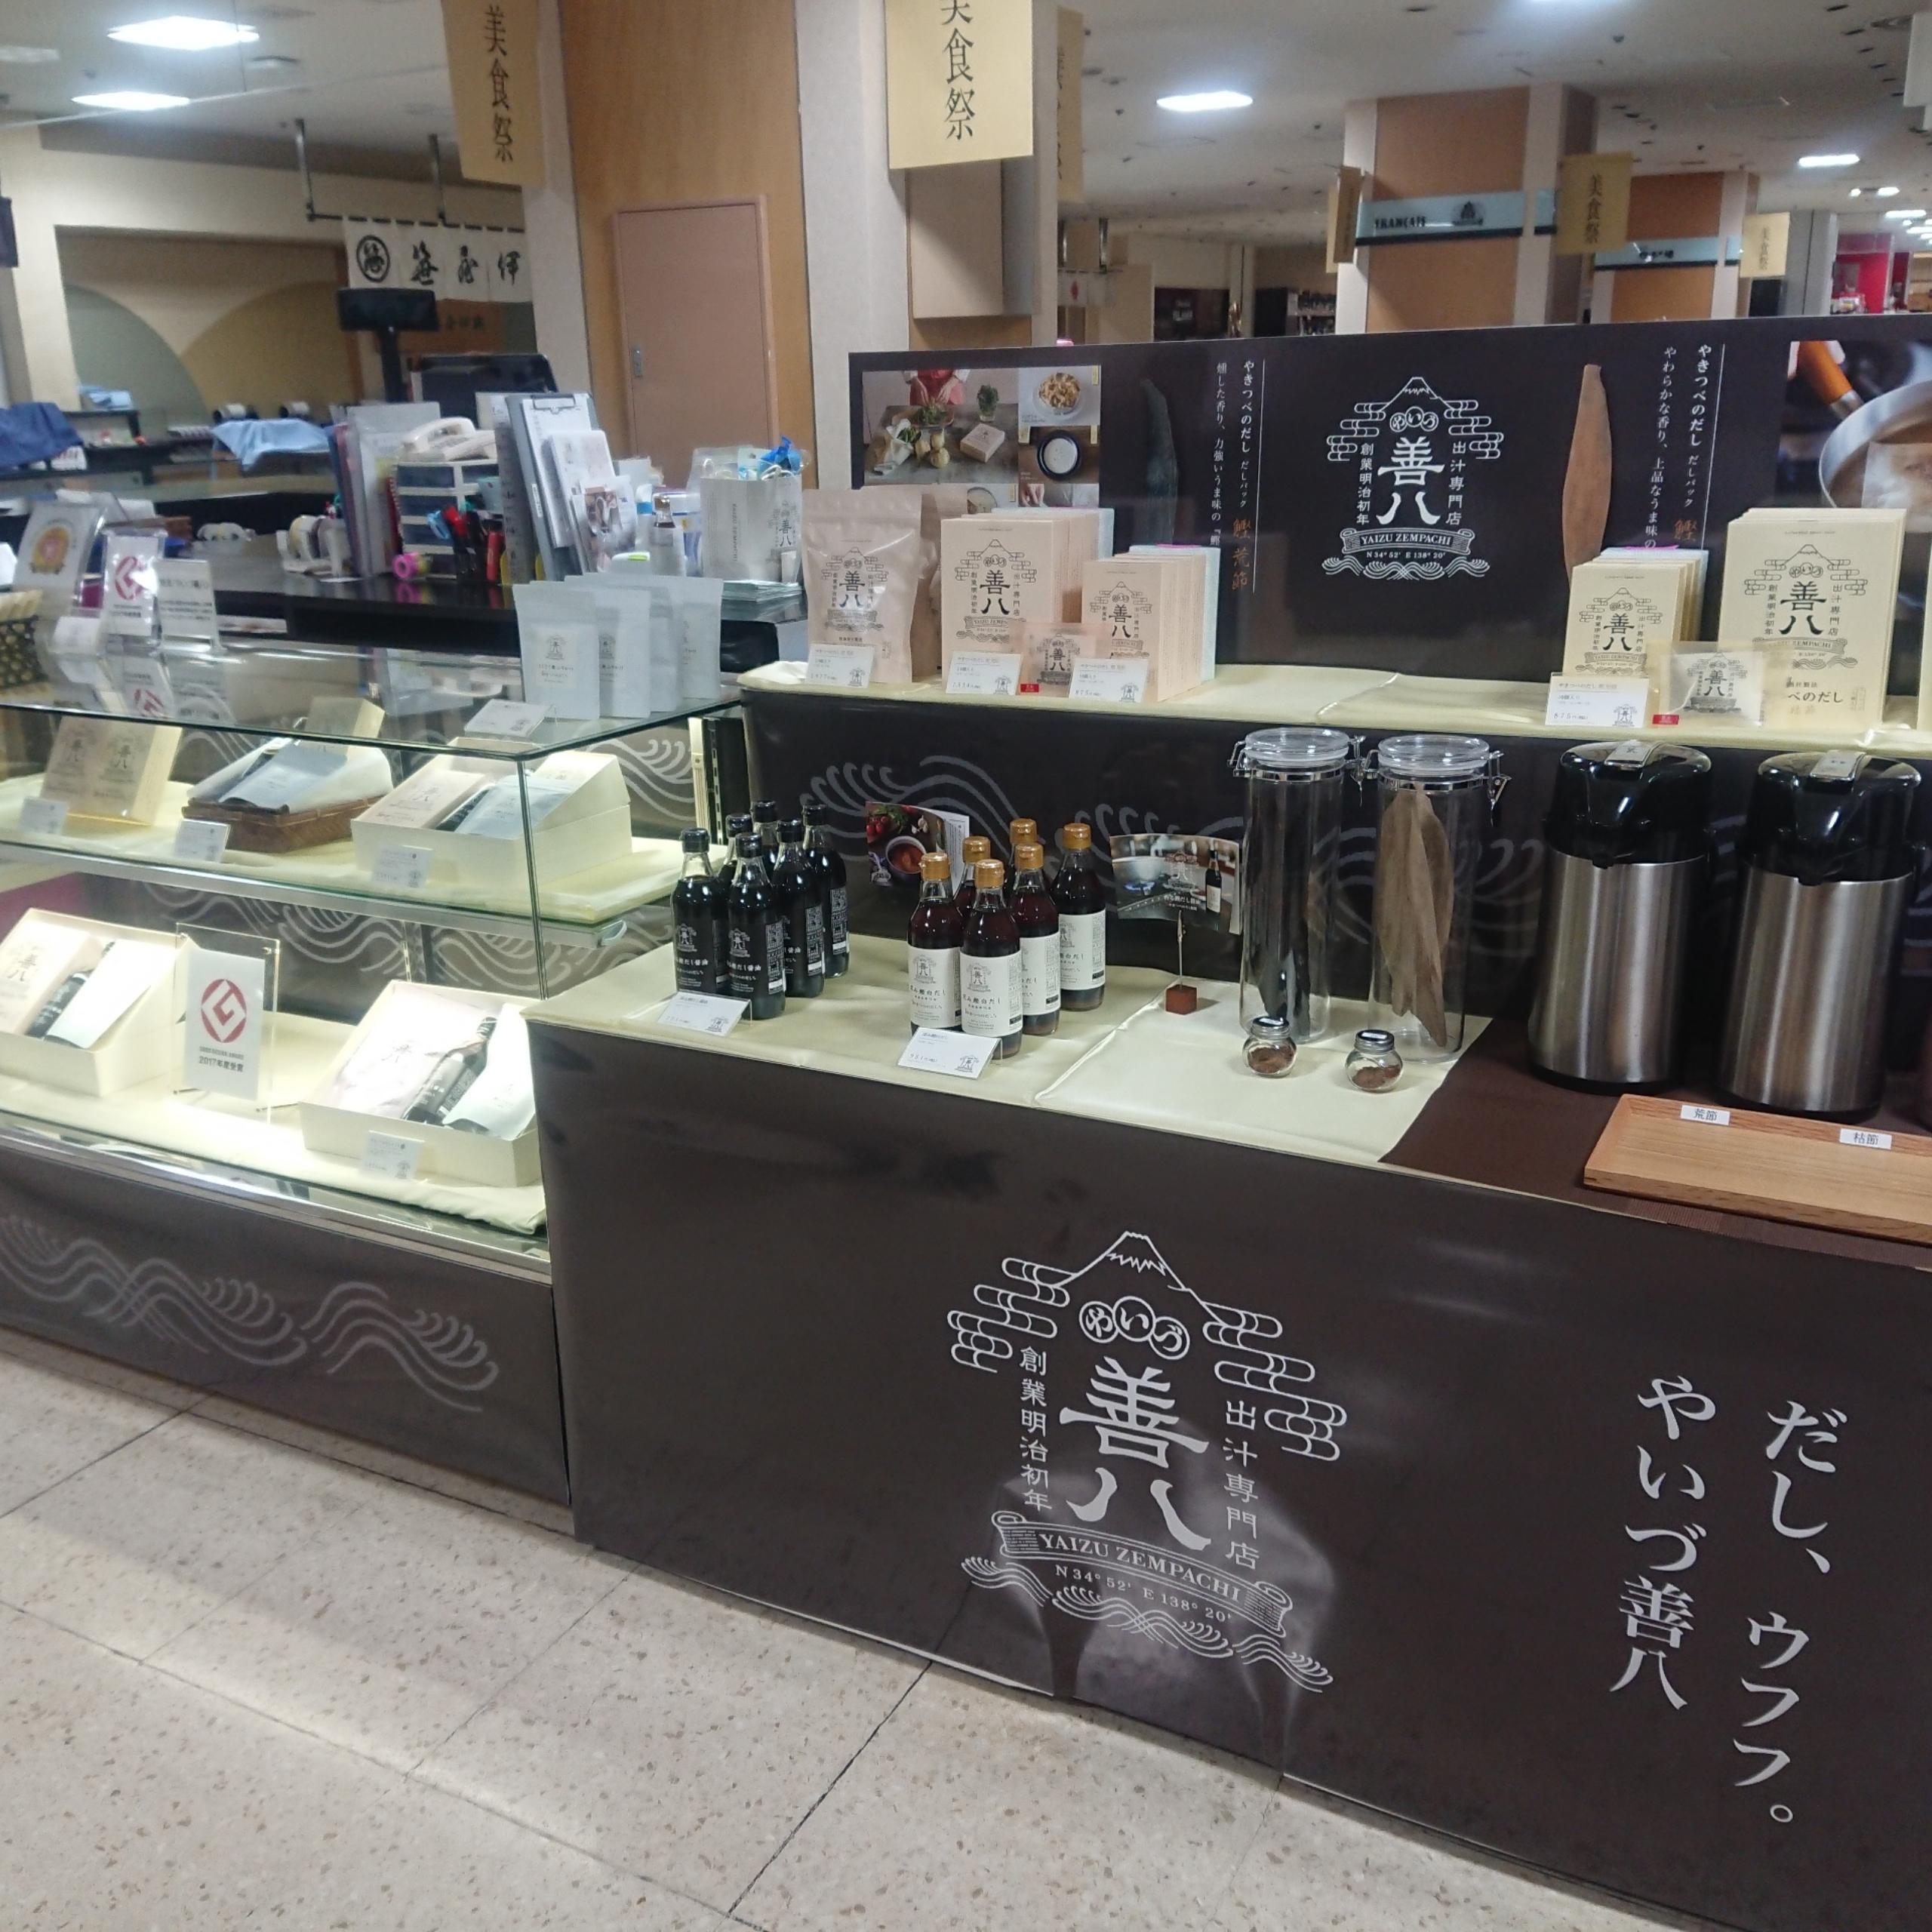 やいづ善八 静岡伊勢丹店写真